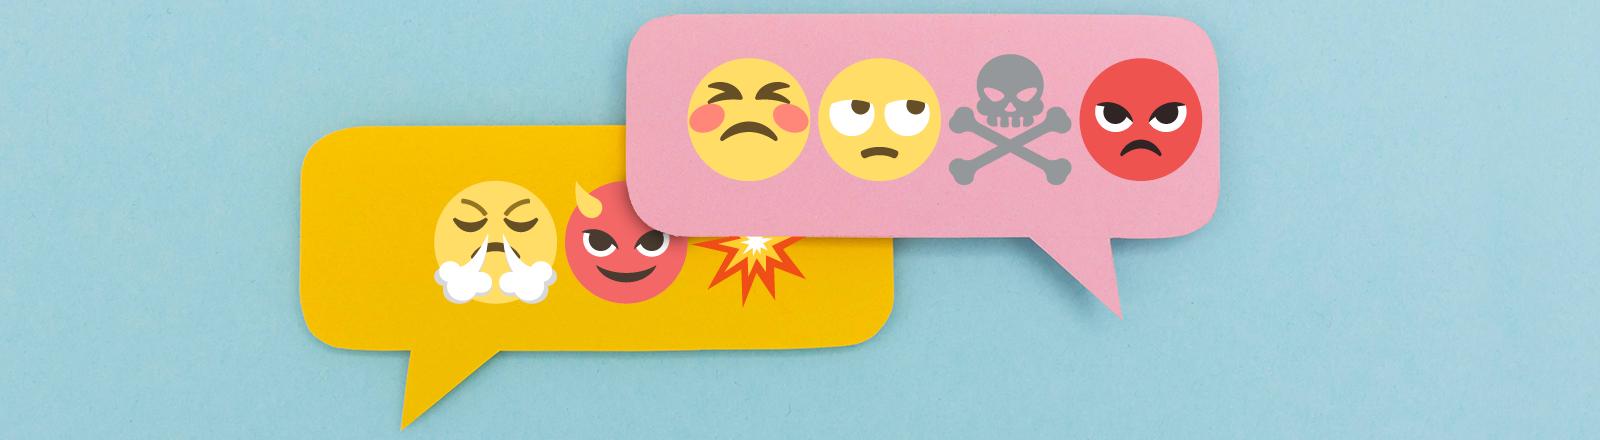 In Sprechblasen sind Emojis zu sehen, die Wut oder Hass symbolisieren